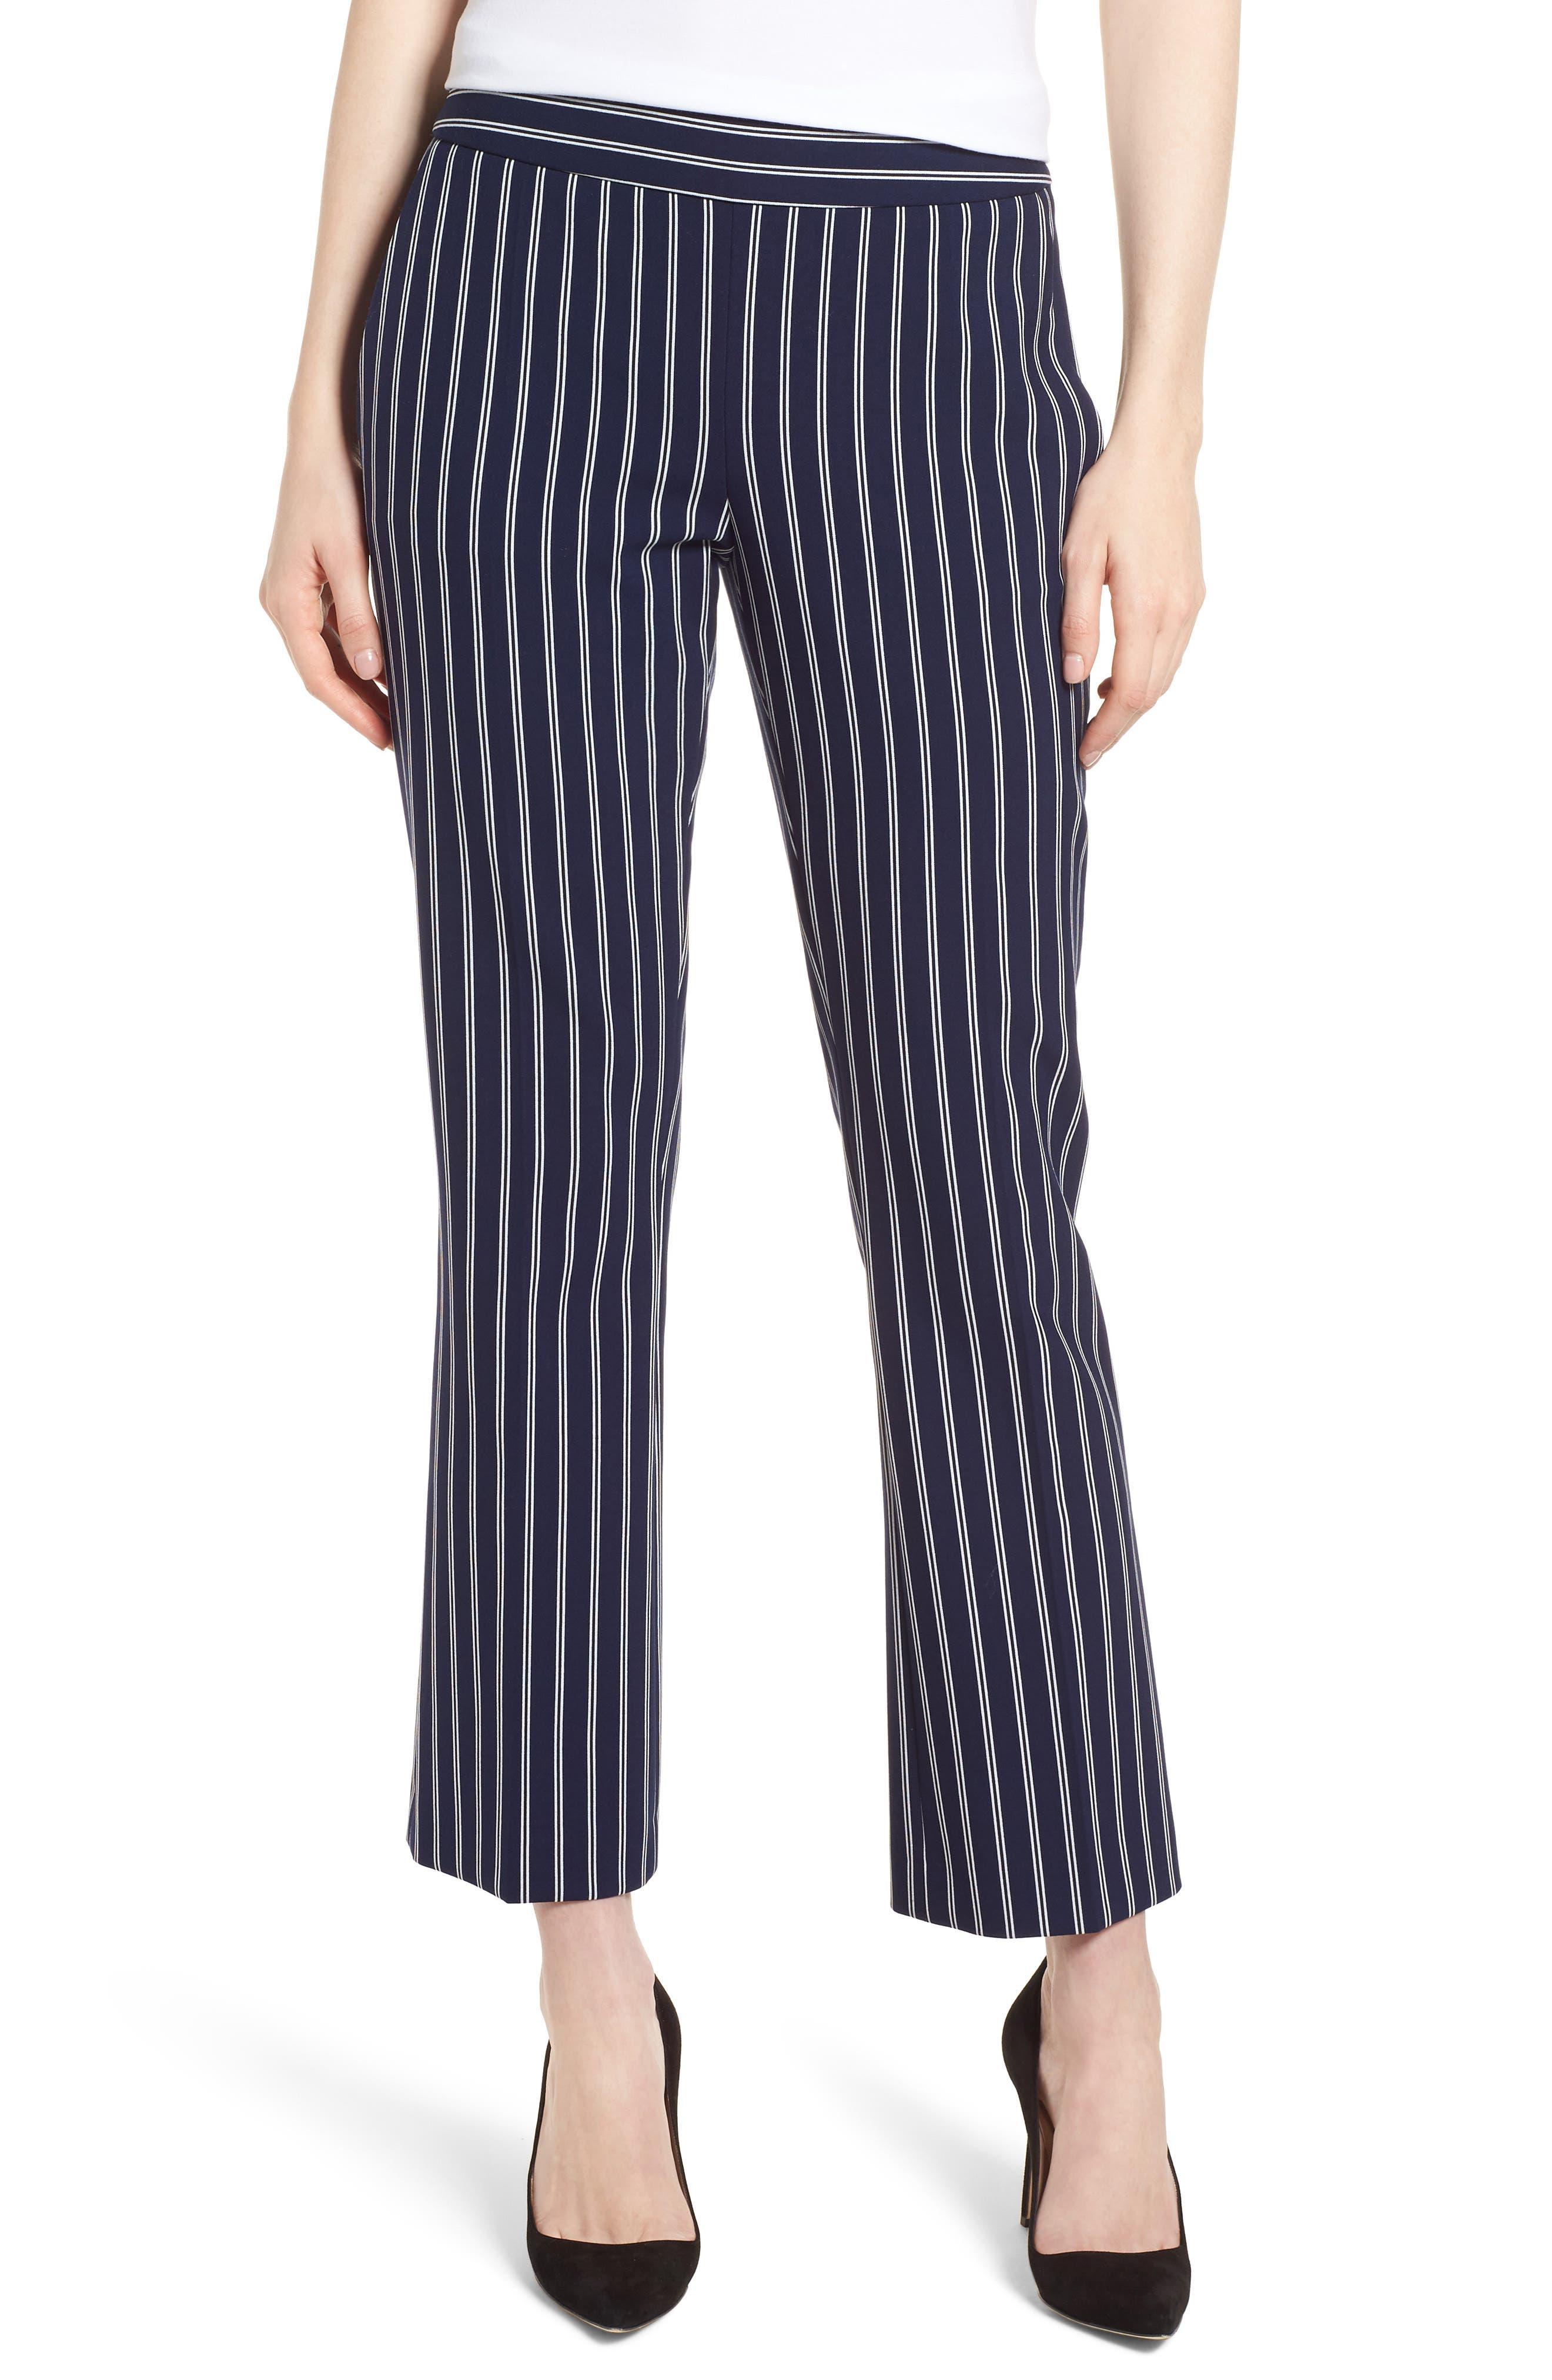 Tebella Stripe Pants,                             Main thumbnail 1, color,